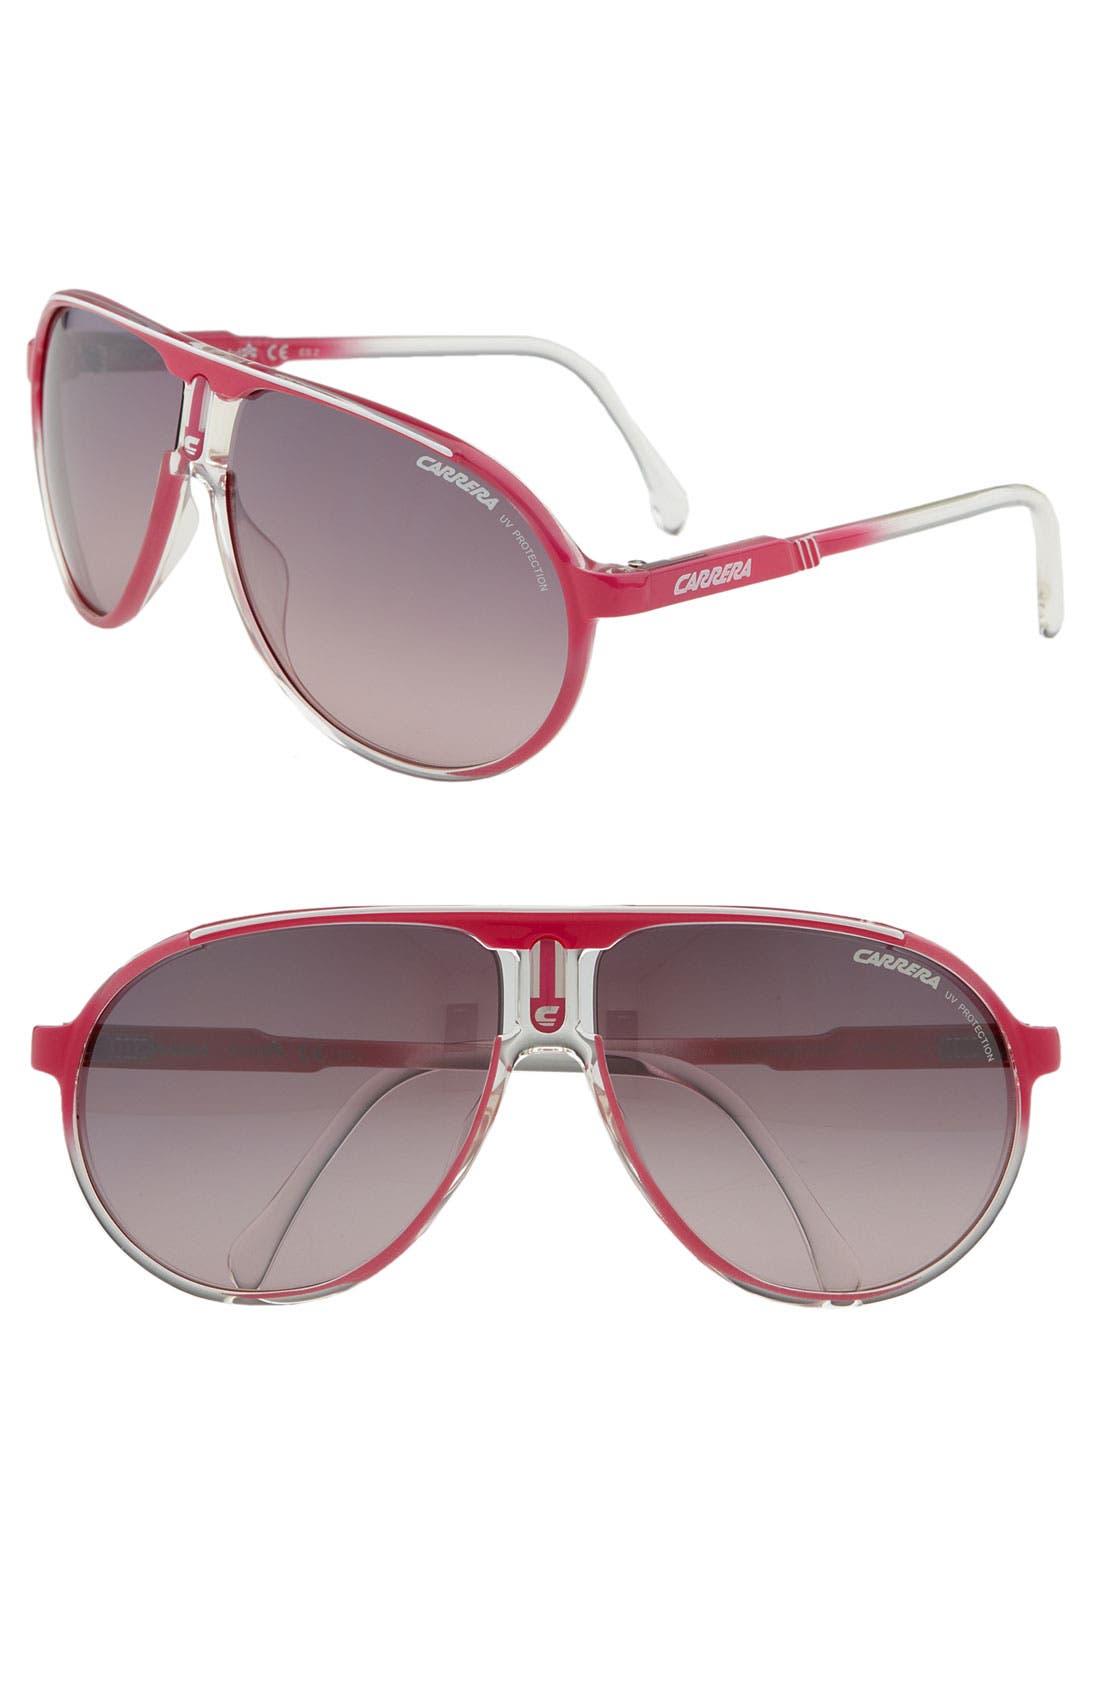 Main Image - Carrera Eyewear 'Champion' 62mm Round Aviator Sunglasses